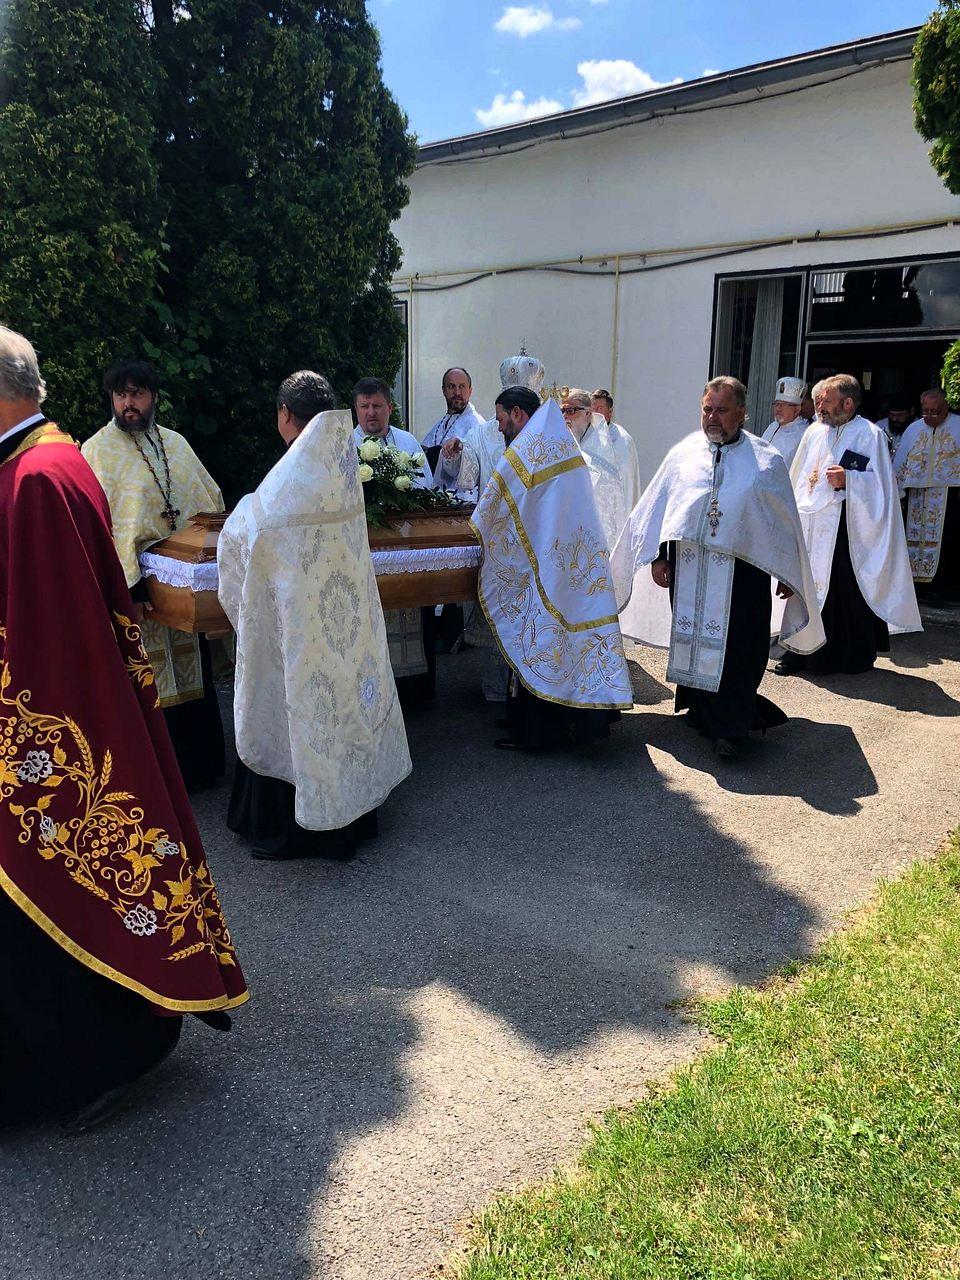 2019-08-17-sobrance-pohreb-IMG_29-0687_1